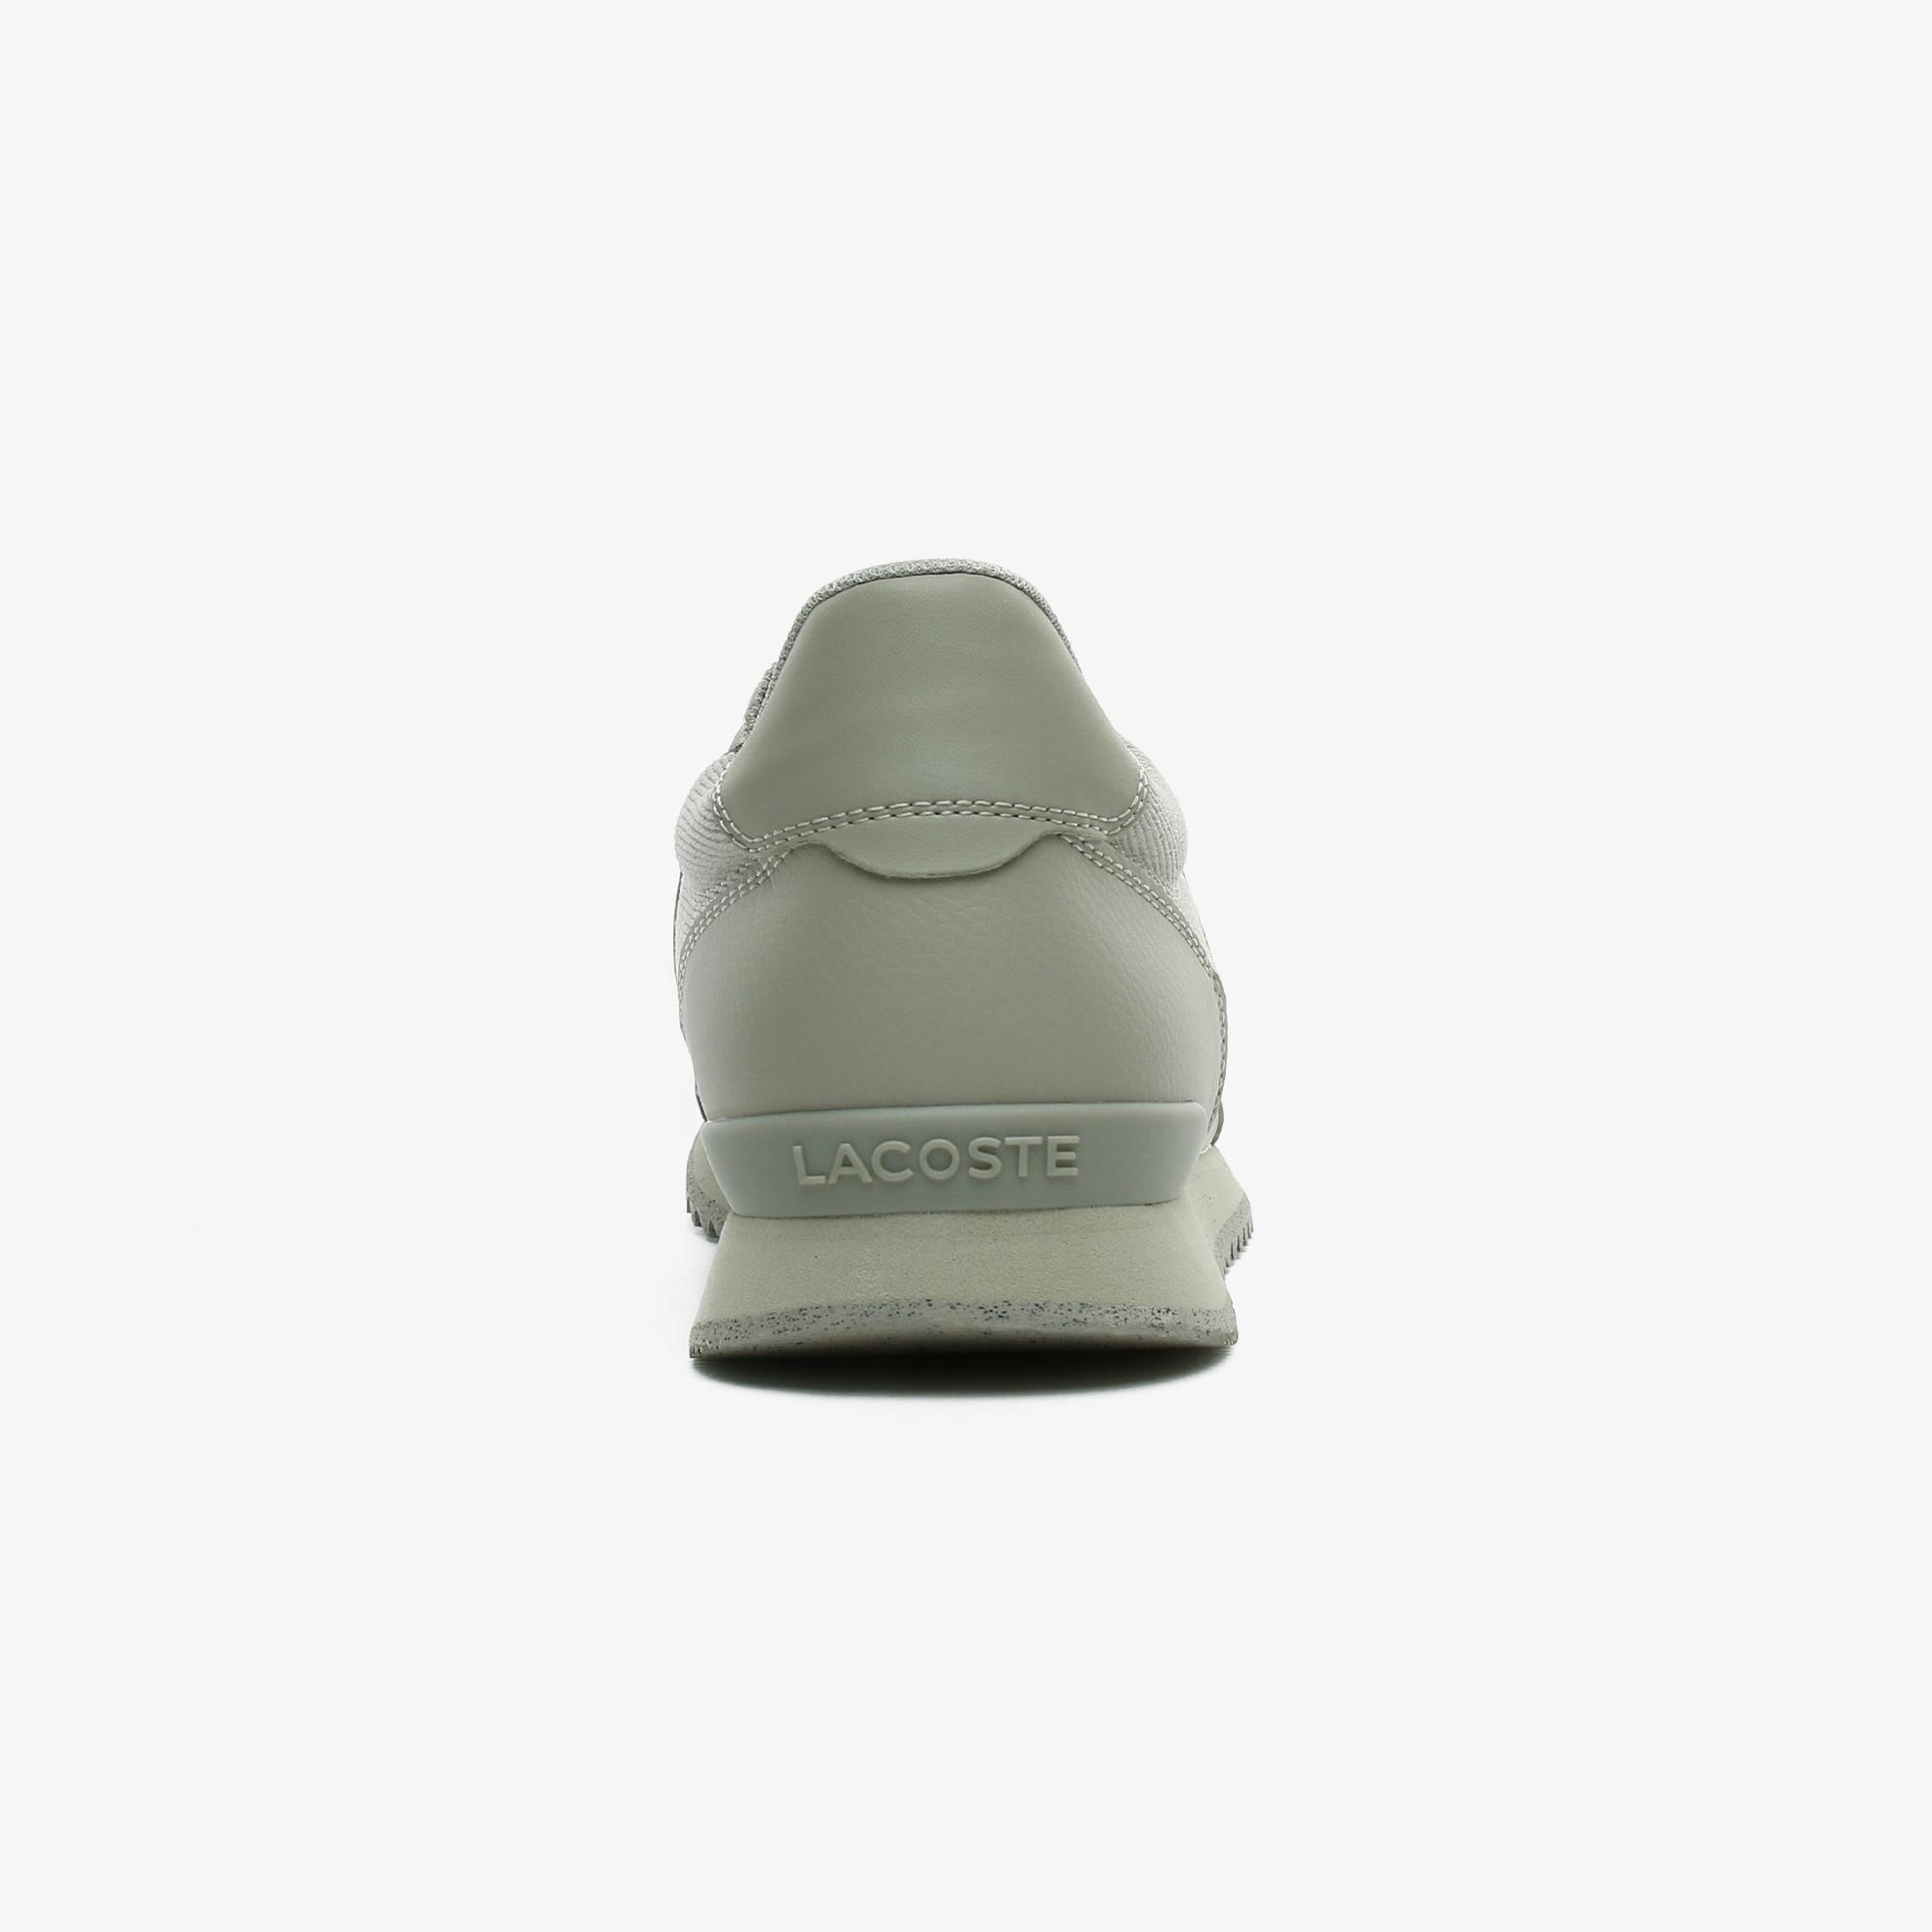 Lacoste Partner Retro 0921 1 Sfa Kadın Yeşil Spor Ayakkabı